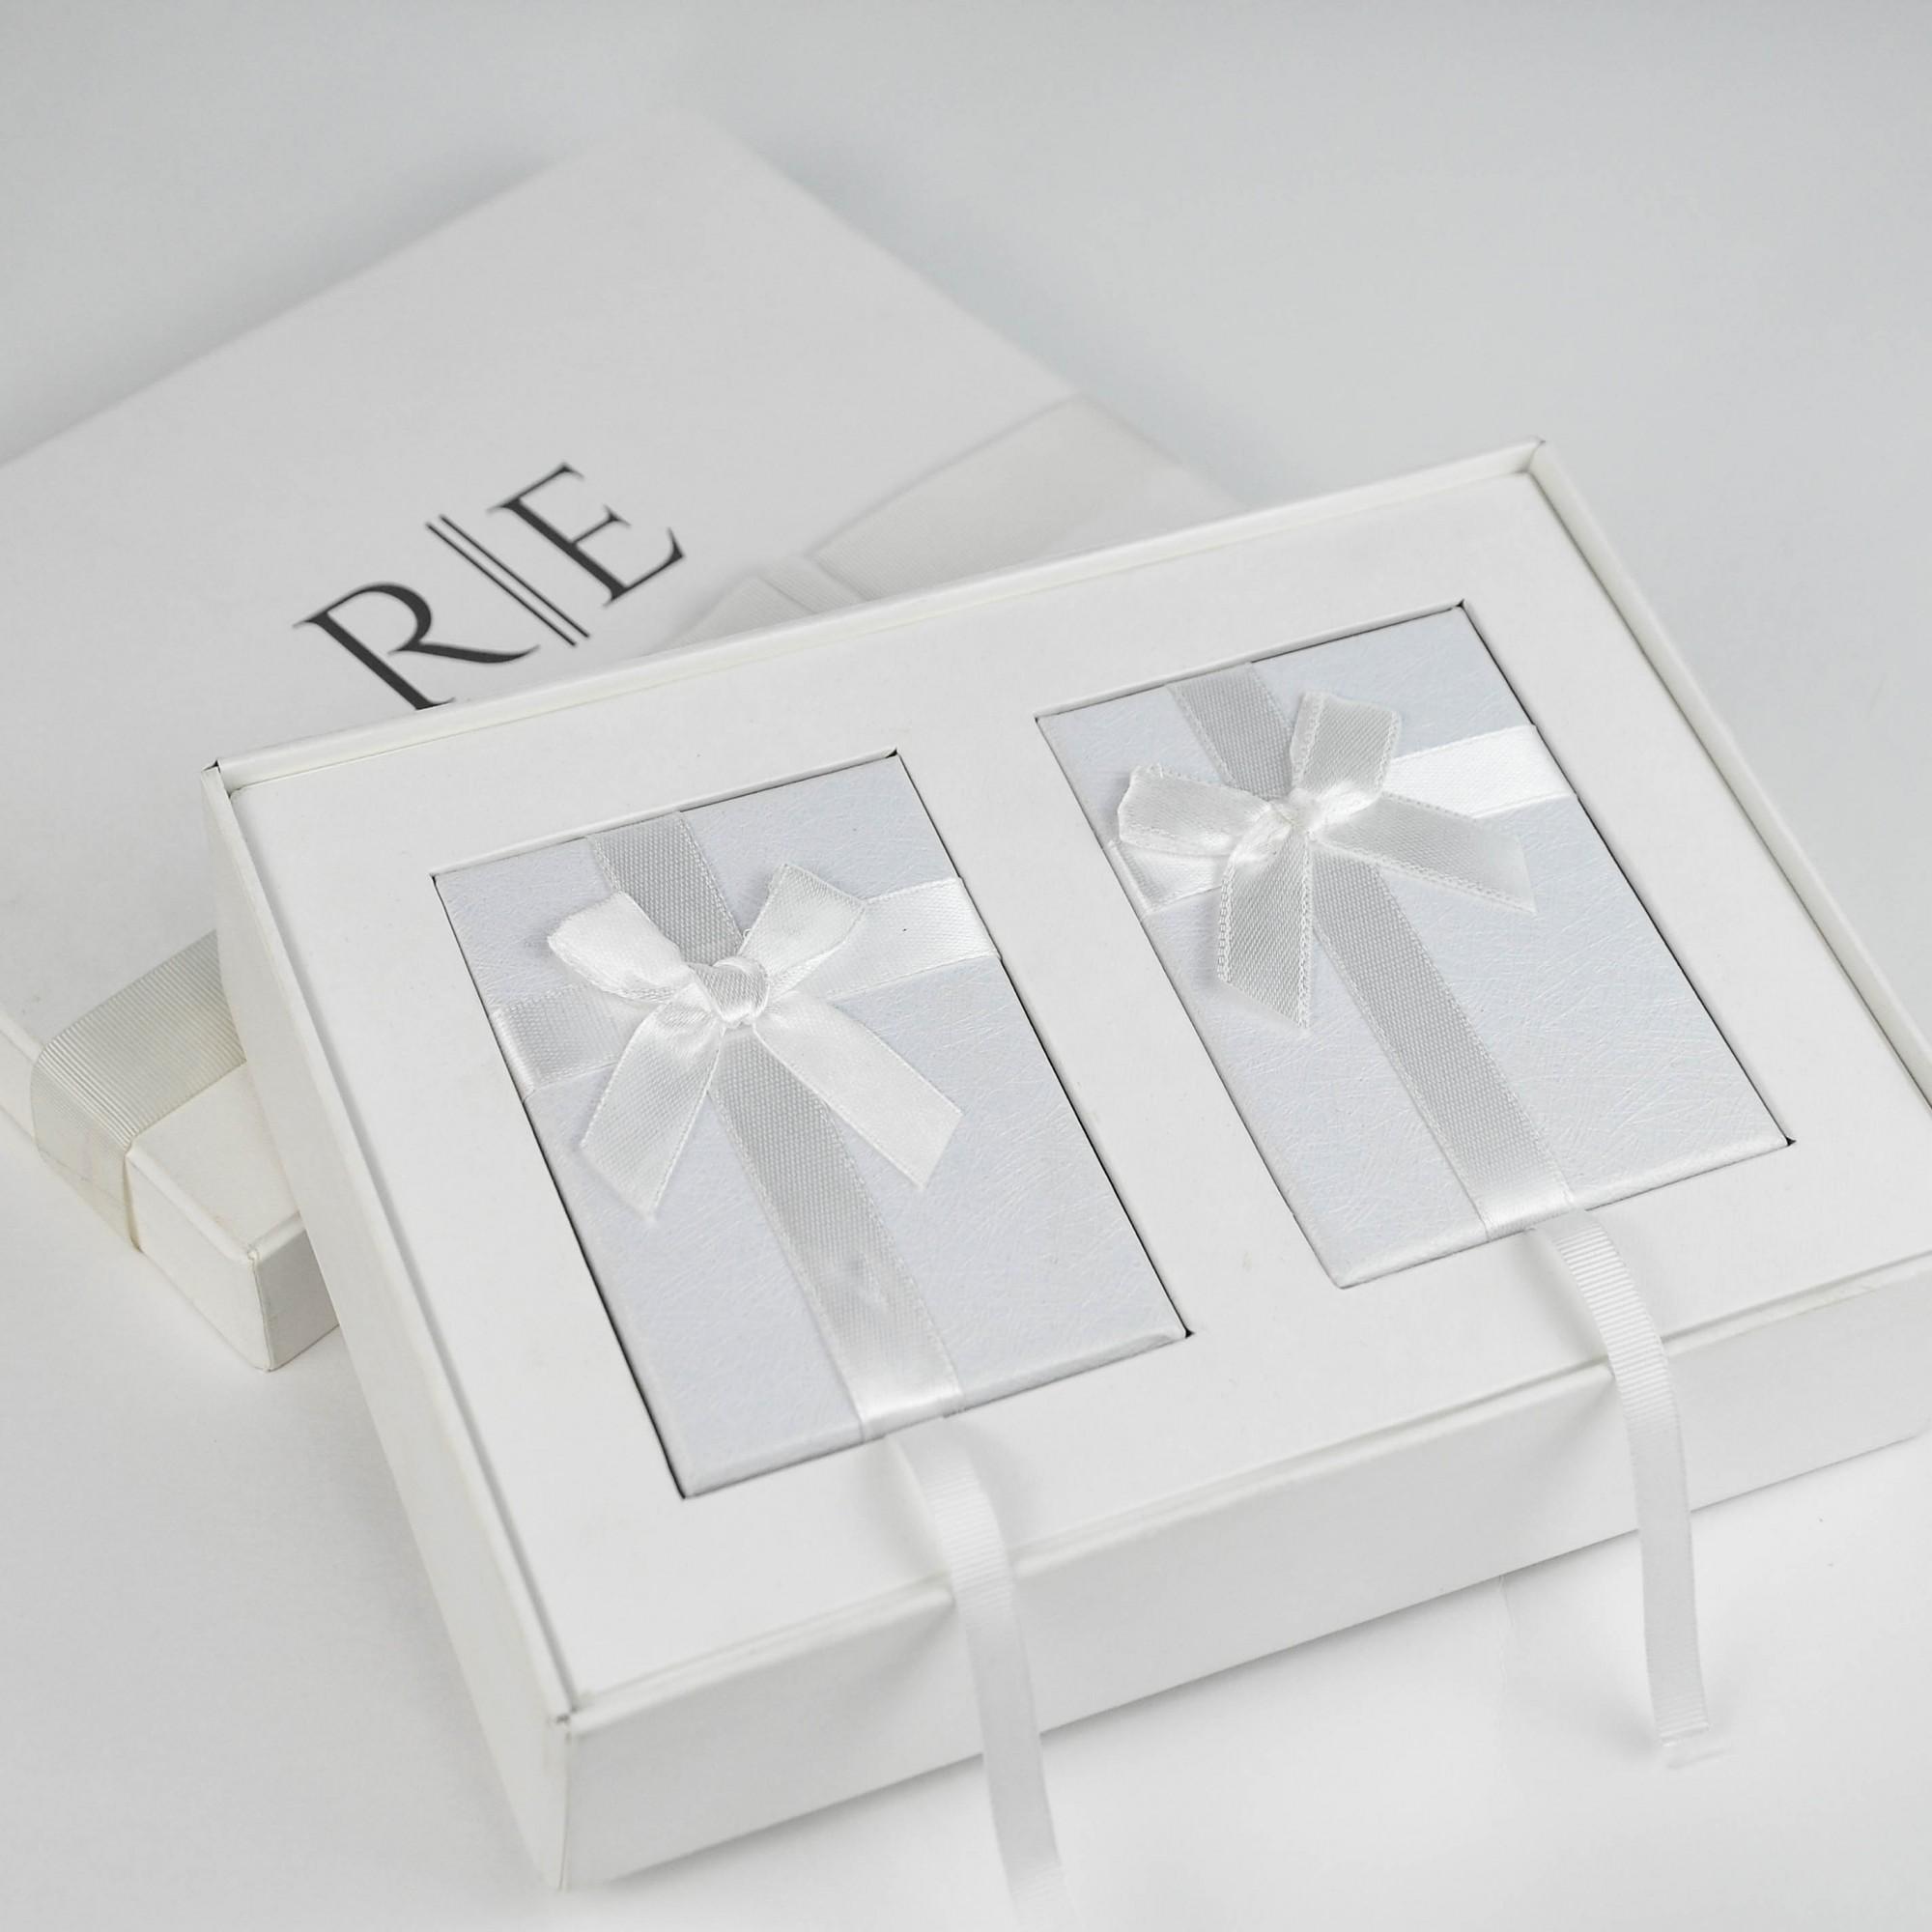 Kit Completo para Padrinhos, contendo, Box Personalizada, 1 escapulário Masculino de Aço e 1 Feminino de Prata com banho de Ouro